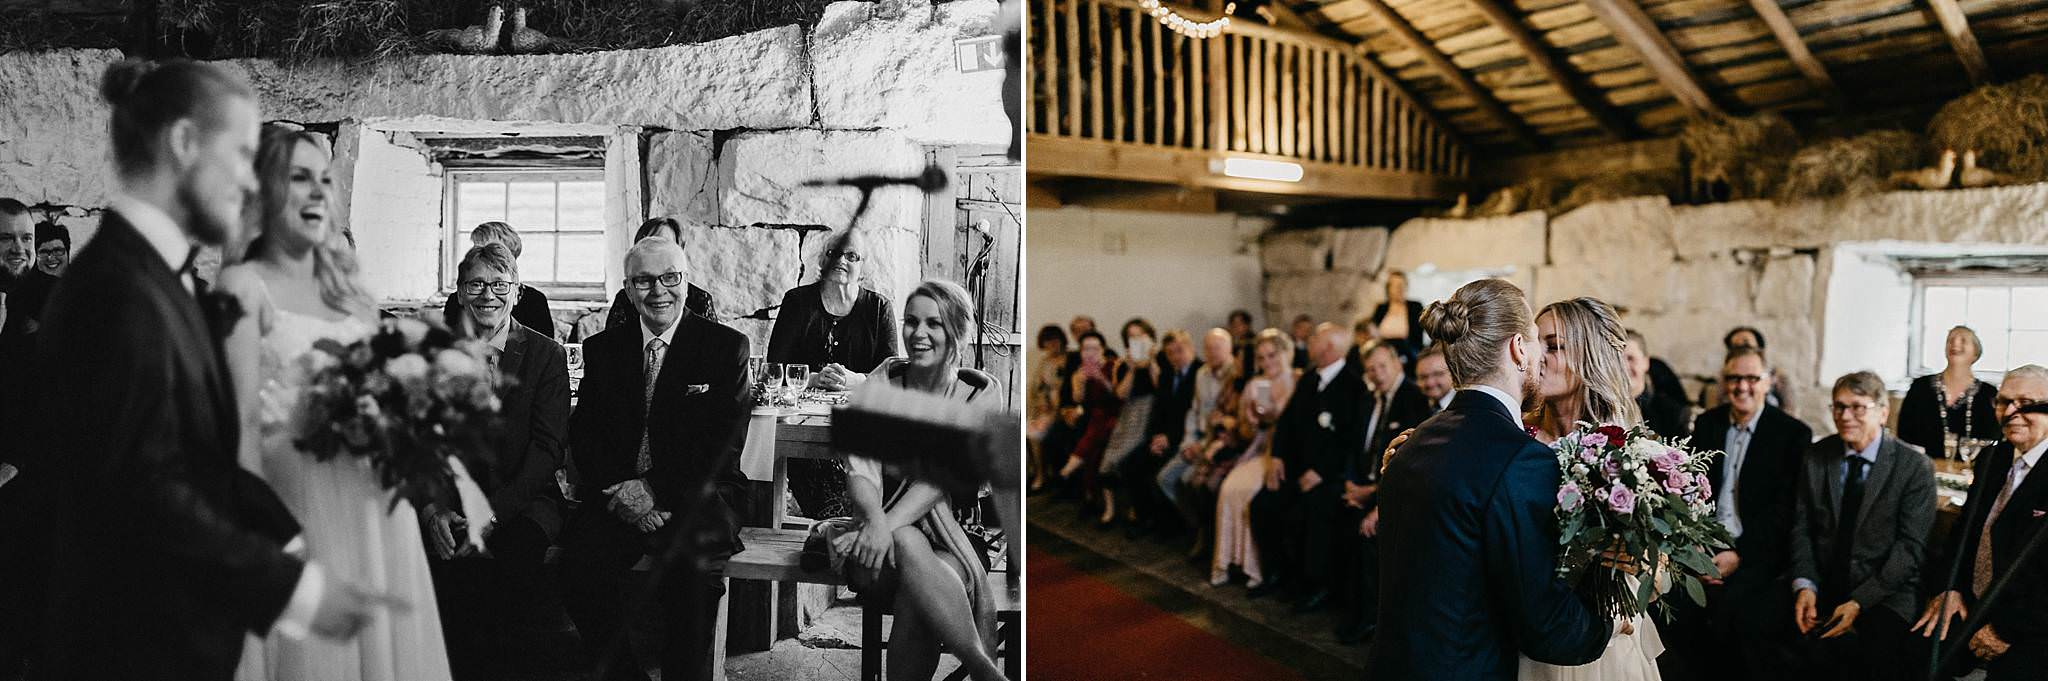 Haakuvaus_wedding_jyvaskyla_muurame_tuomiston_tila_0165.jpg